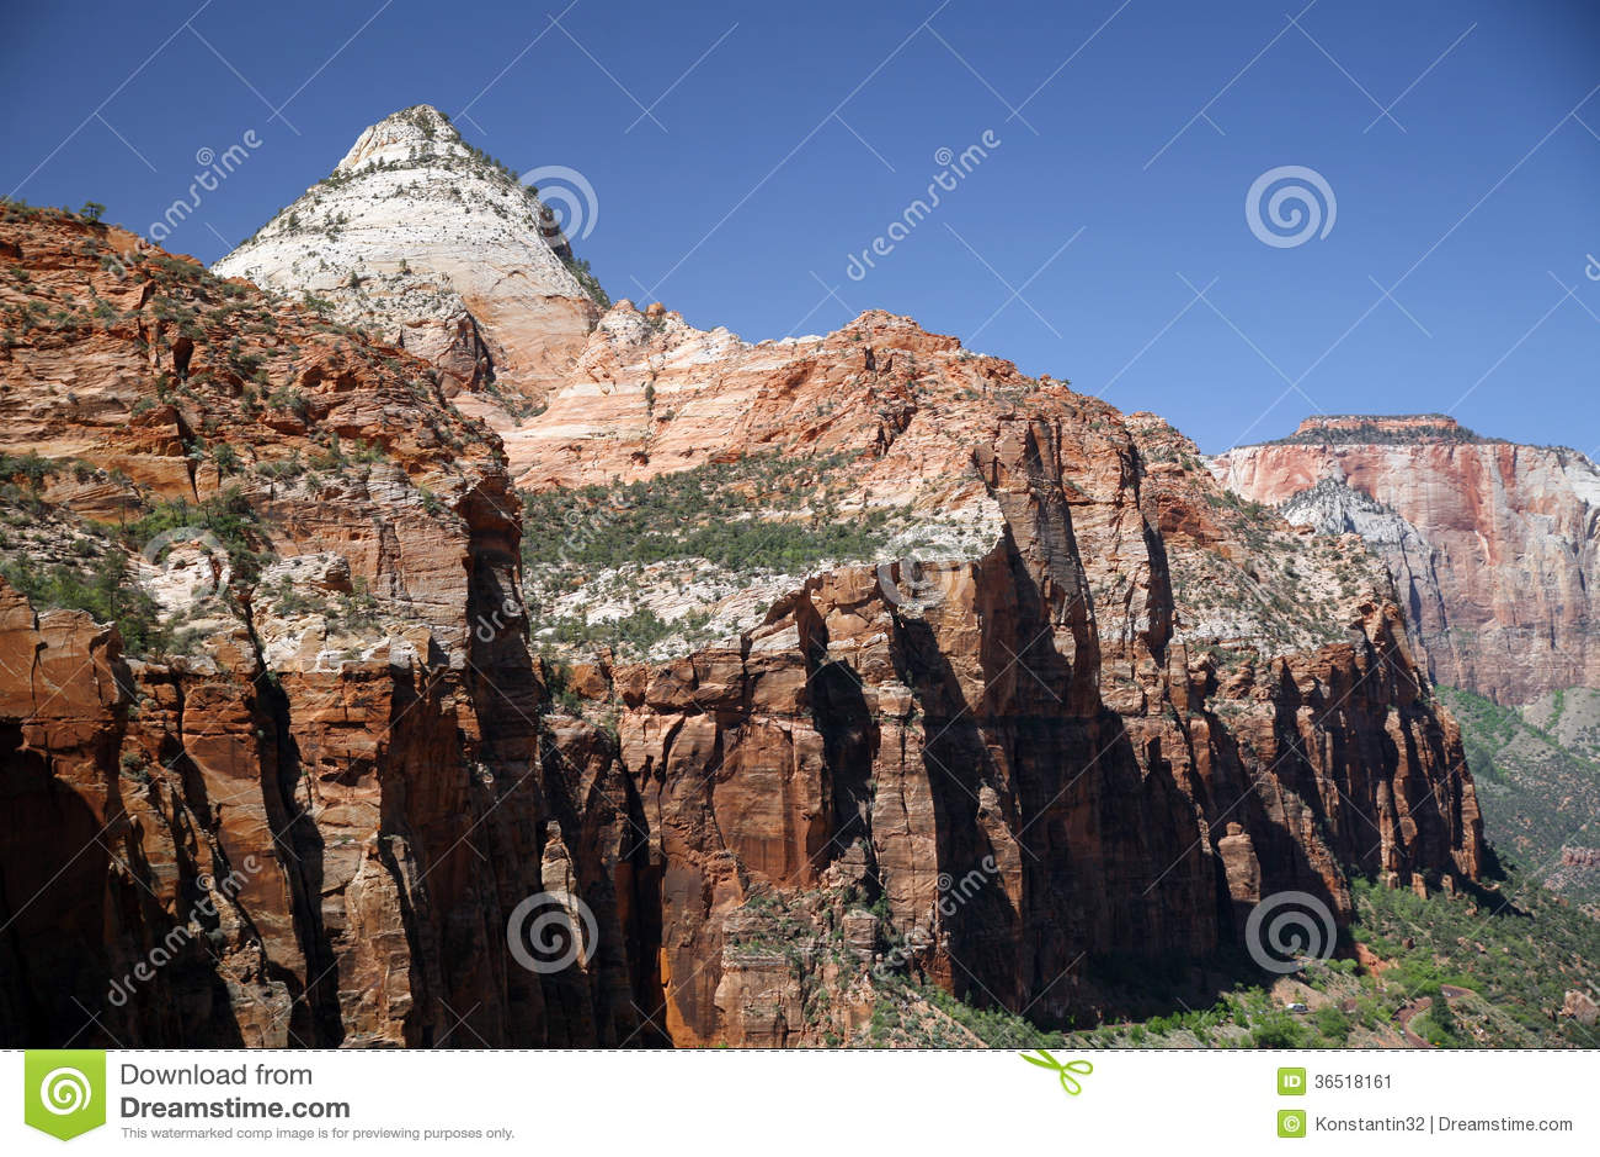 Felsen und Tal in Zion National Park, Utah, USA